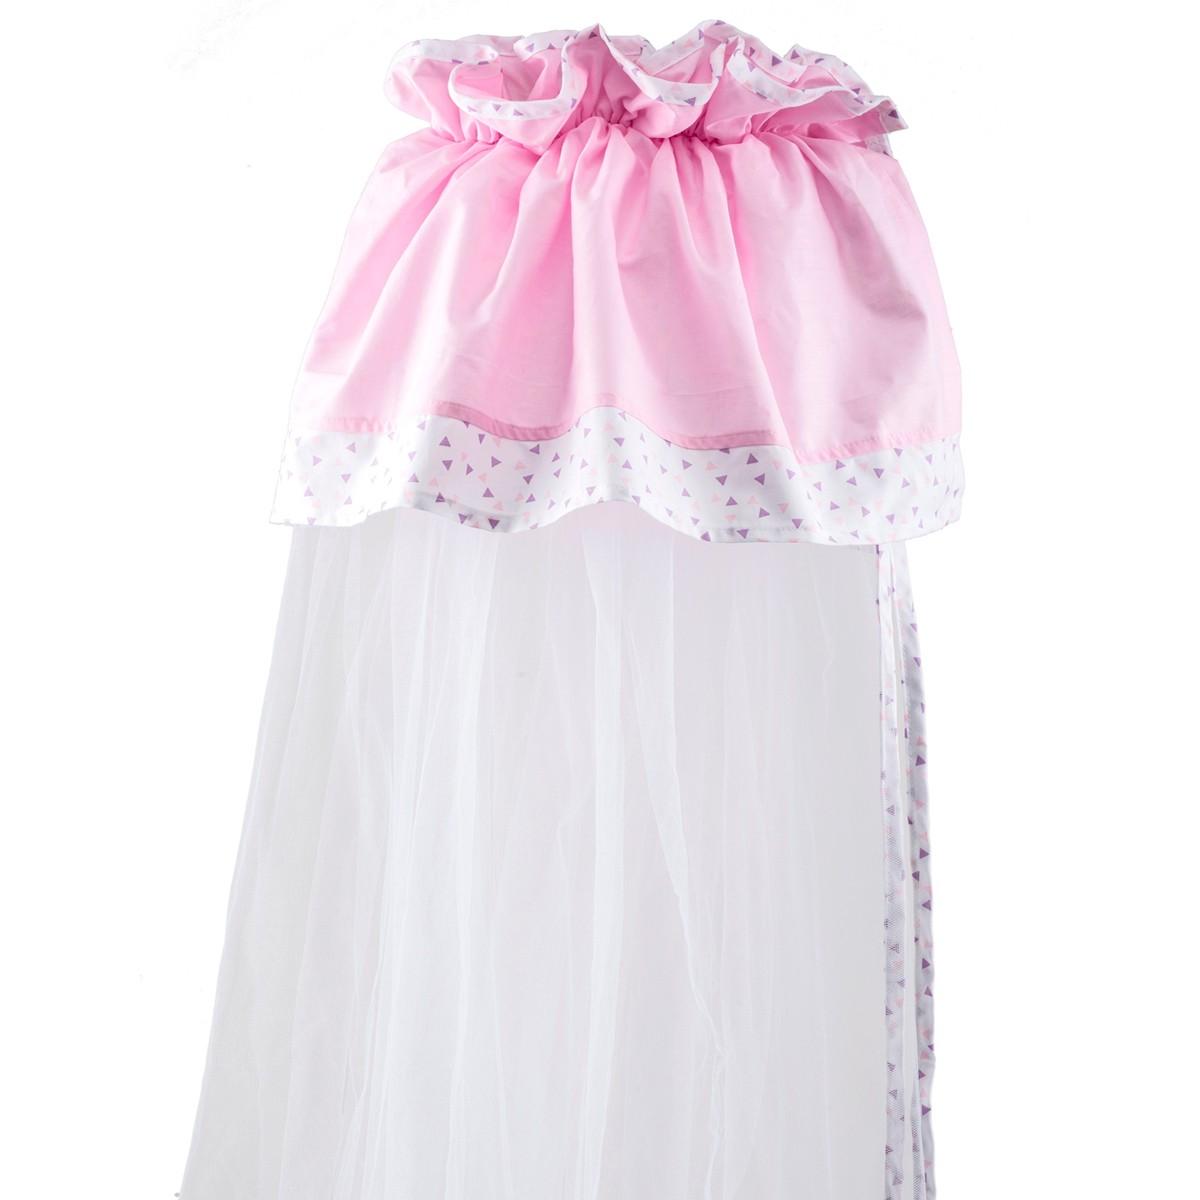 Κουνουπιέρα Λίκνου Κόσμος Του Μωρού Home 8920 Ροζ